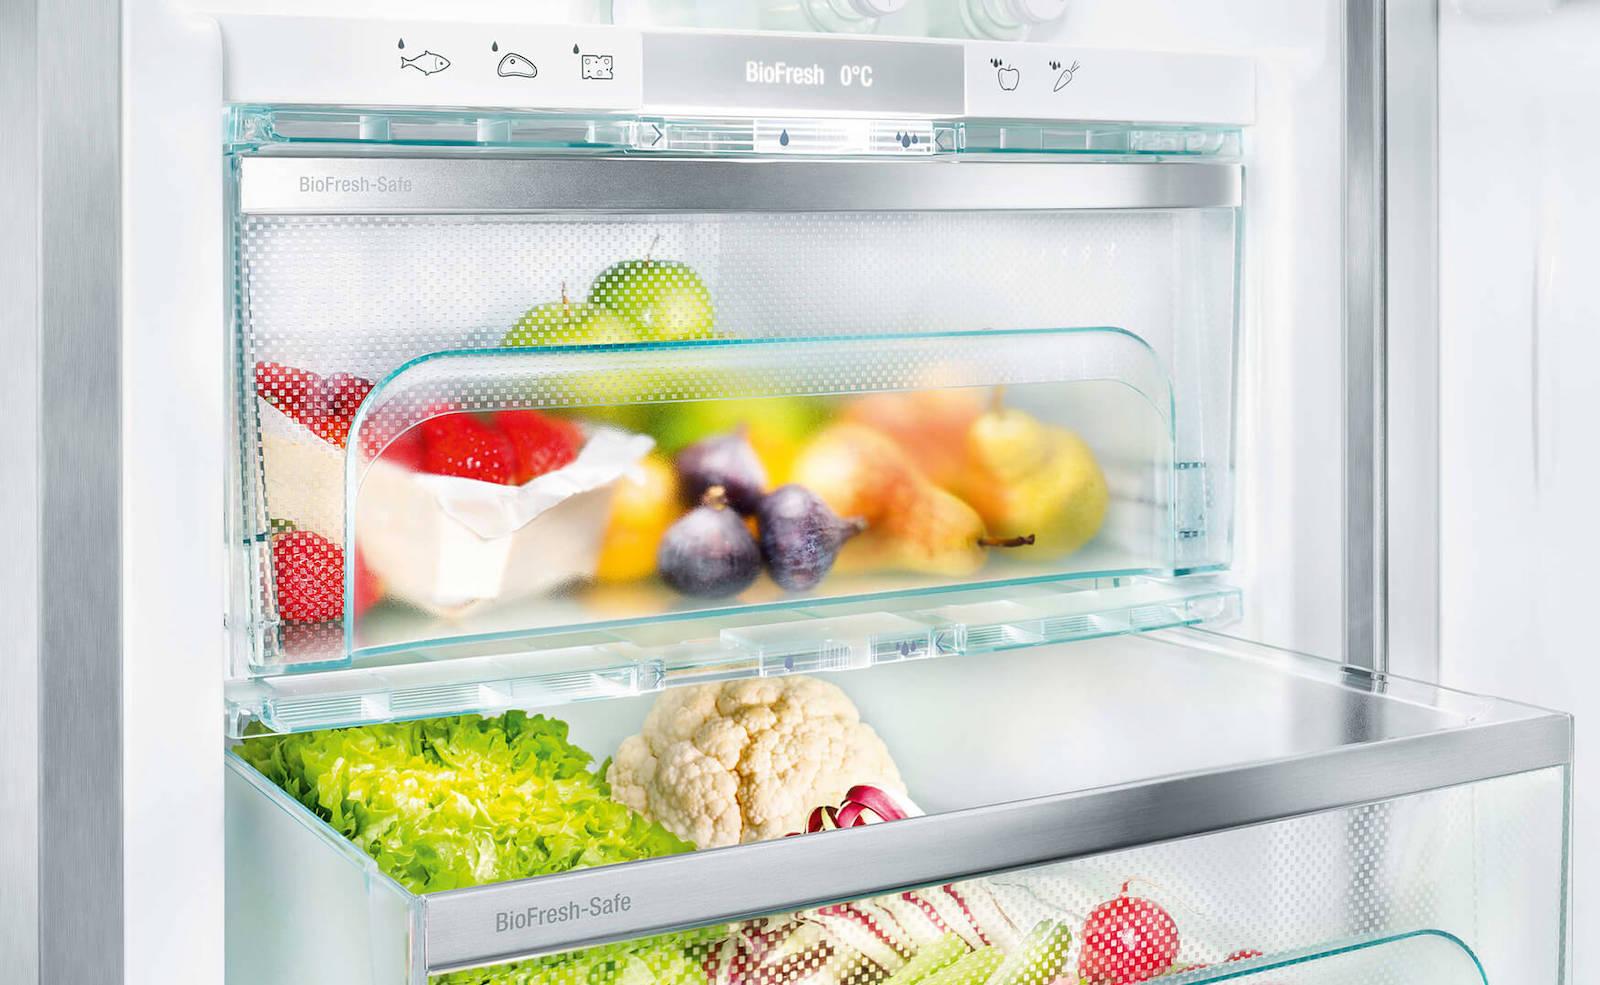 BioFresh Kühlschränke von Liebherr: Lebensmittel länger frisch halten dank Null-Grad-Zone